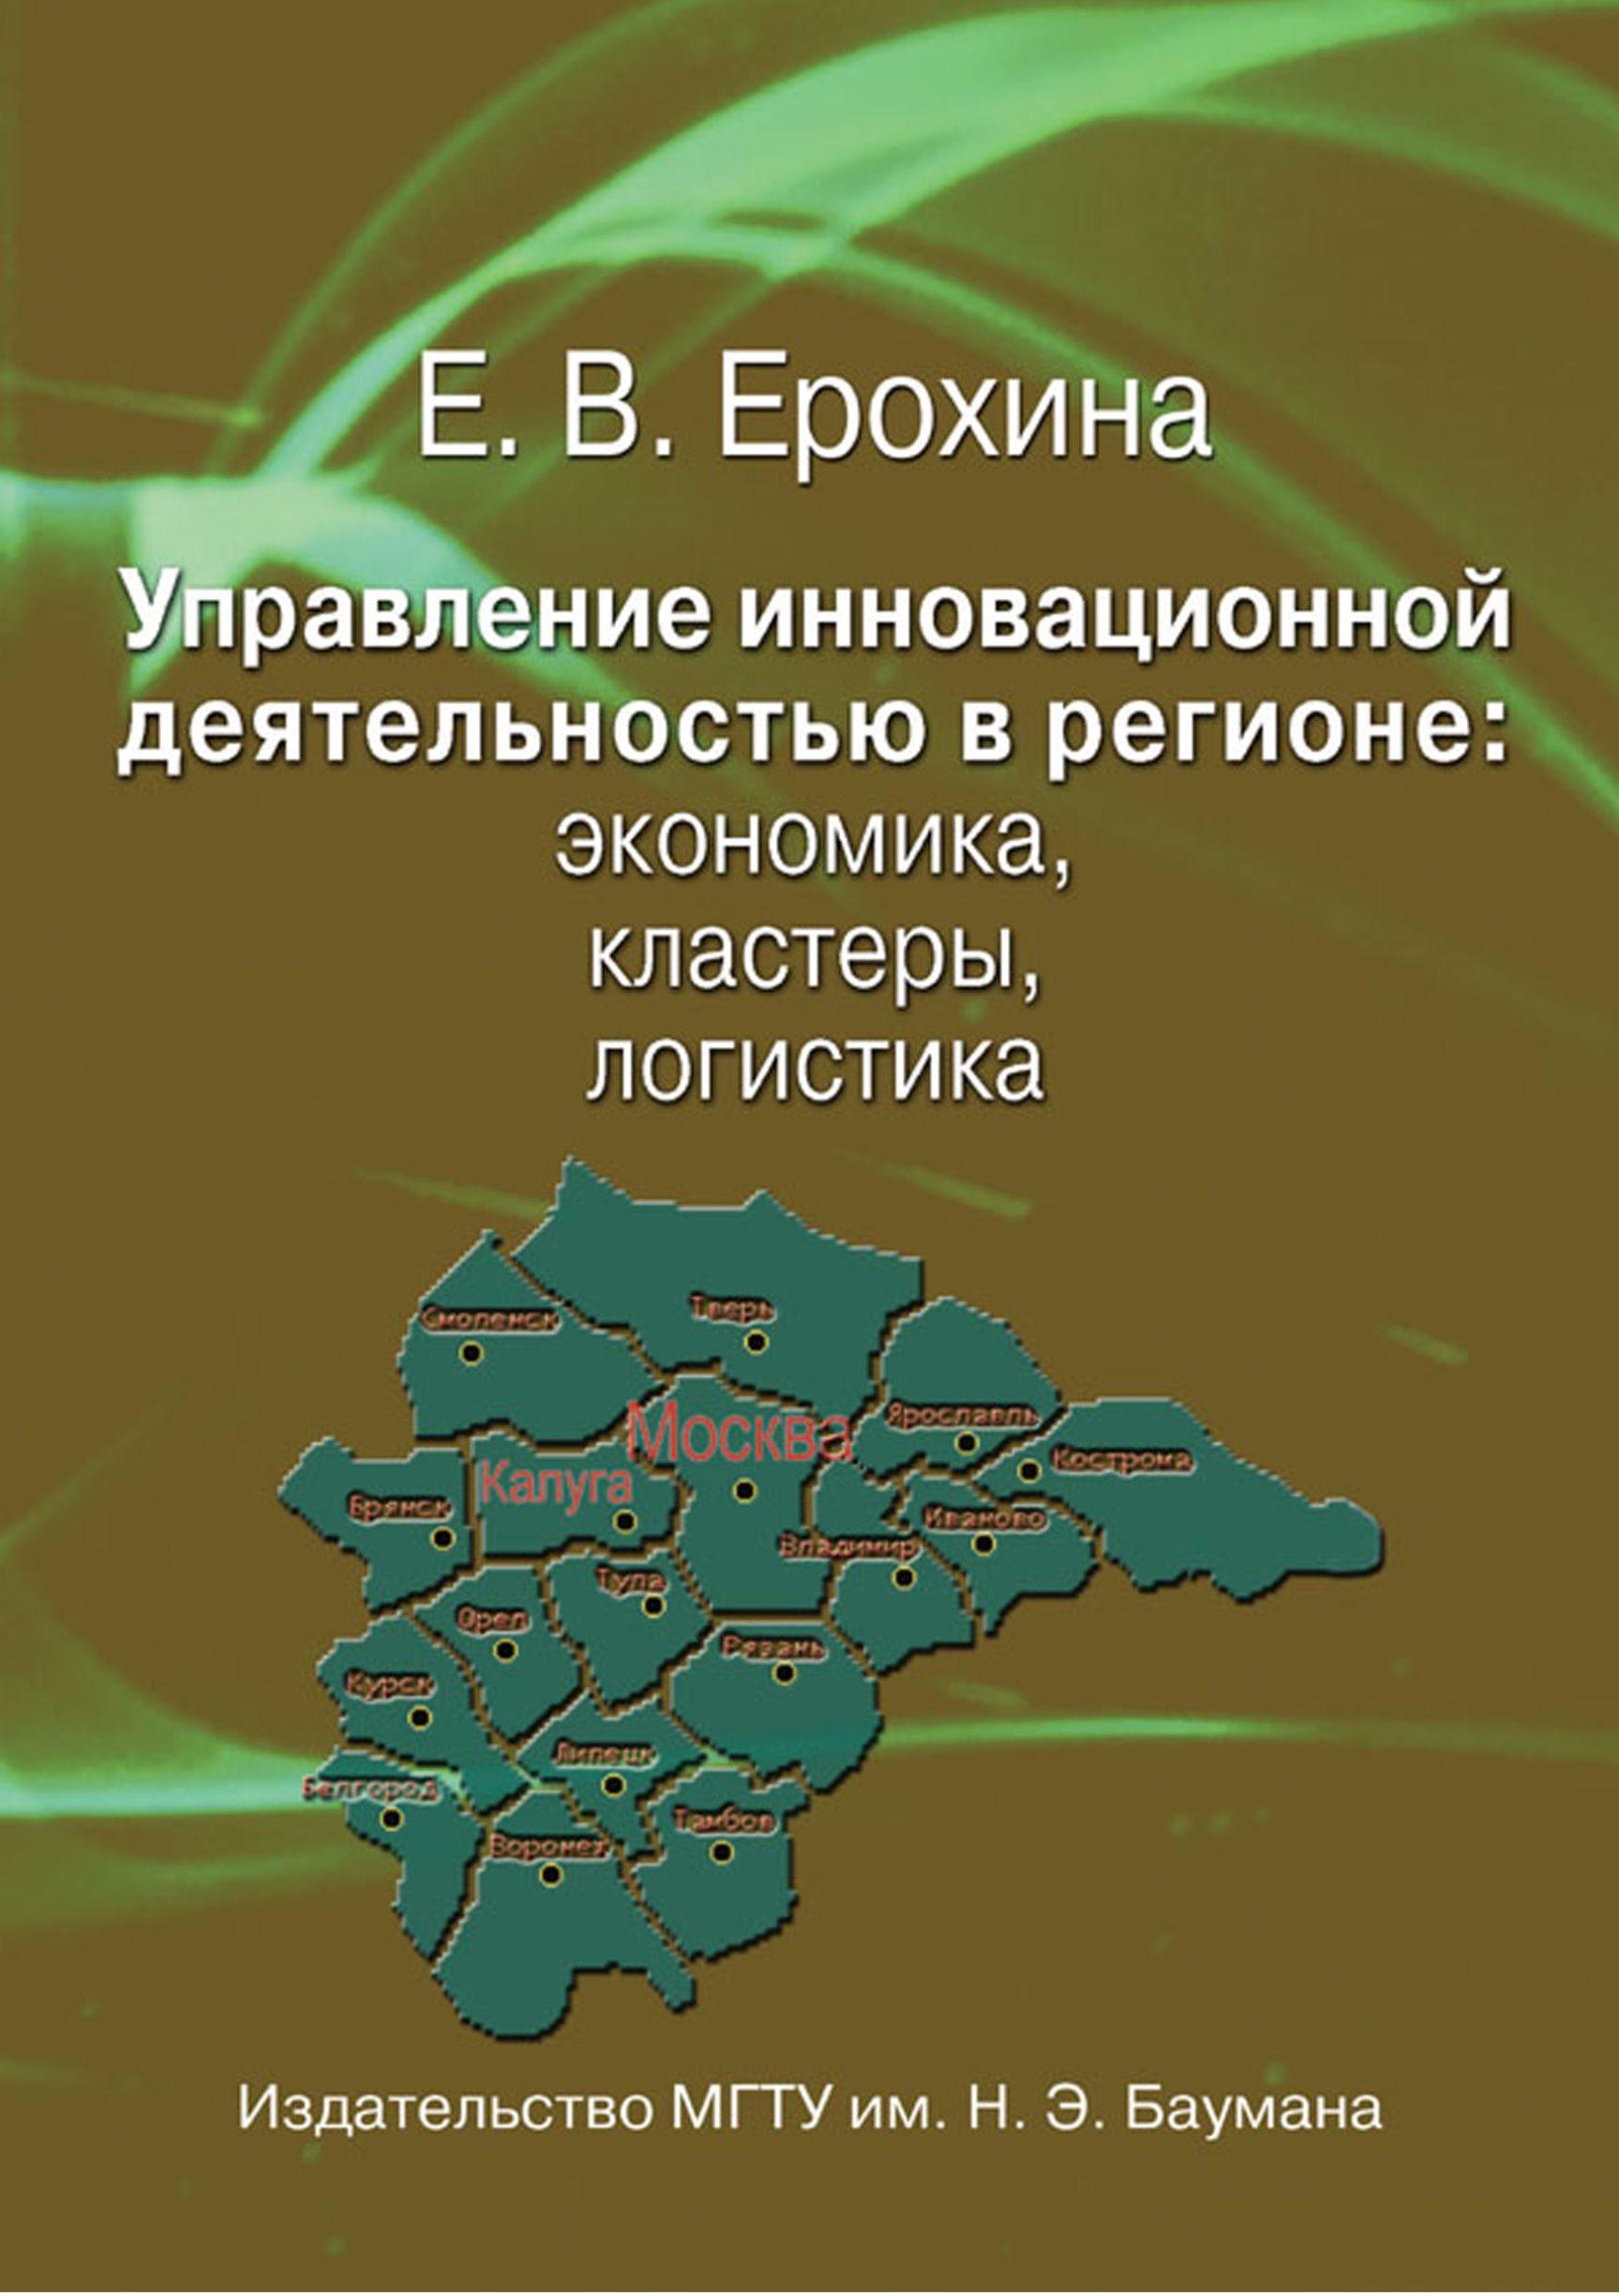 Елена Вячеславовна Ерохина Управление инновационной деятельностью в регионе: экономика, кластеры, логистика